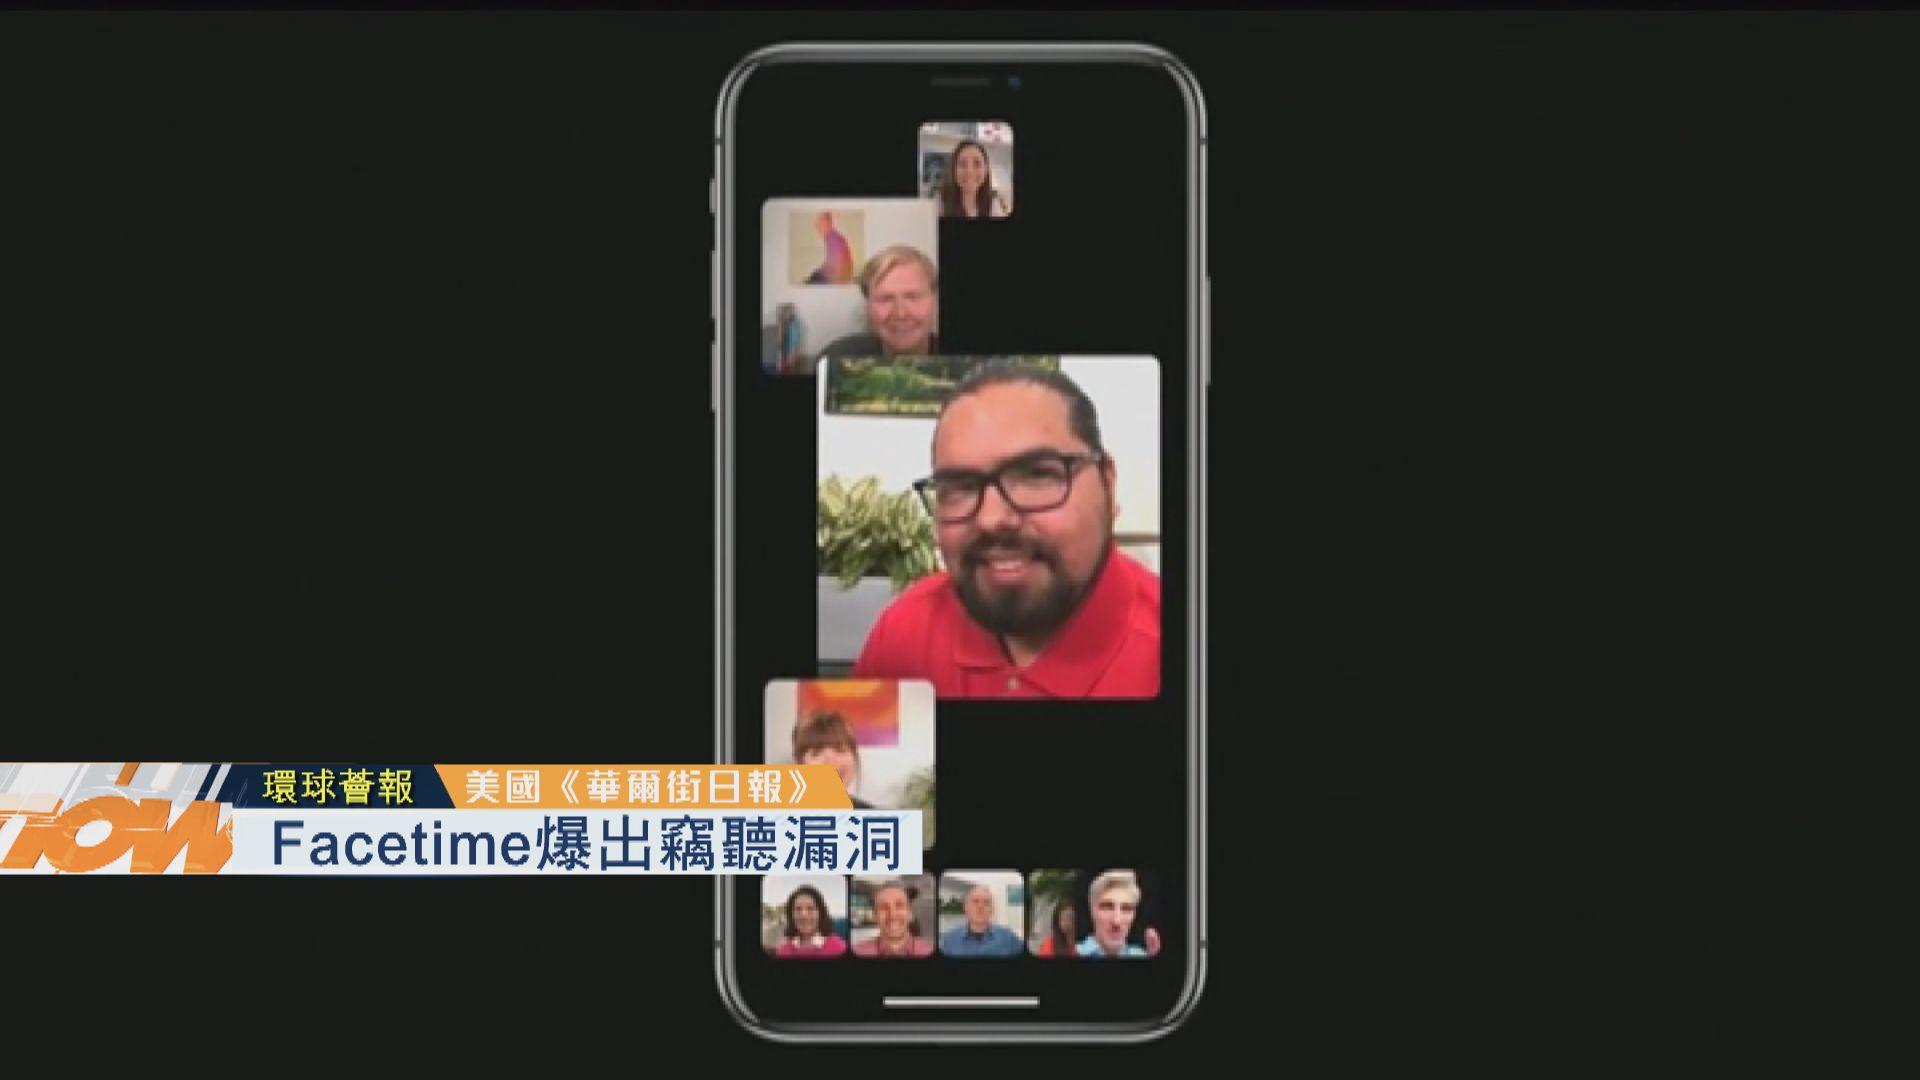 【環球薈報】Facetime爆竊聽漏洞